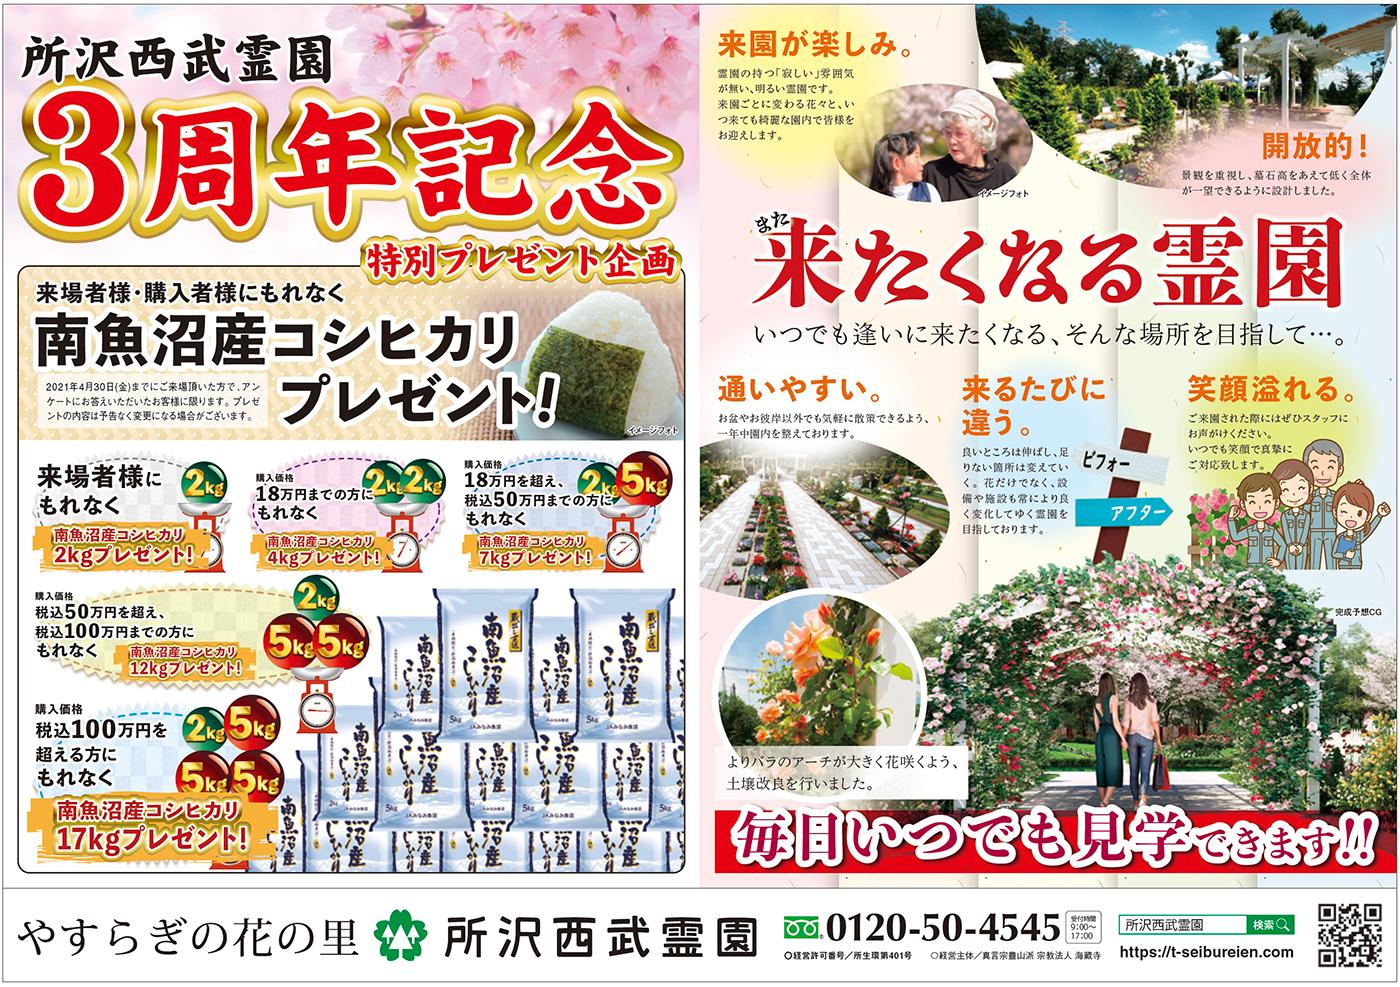 雑誌広告【2021年3月】